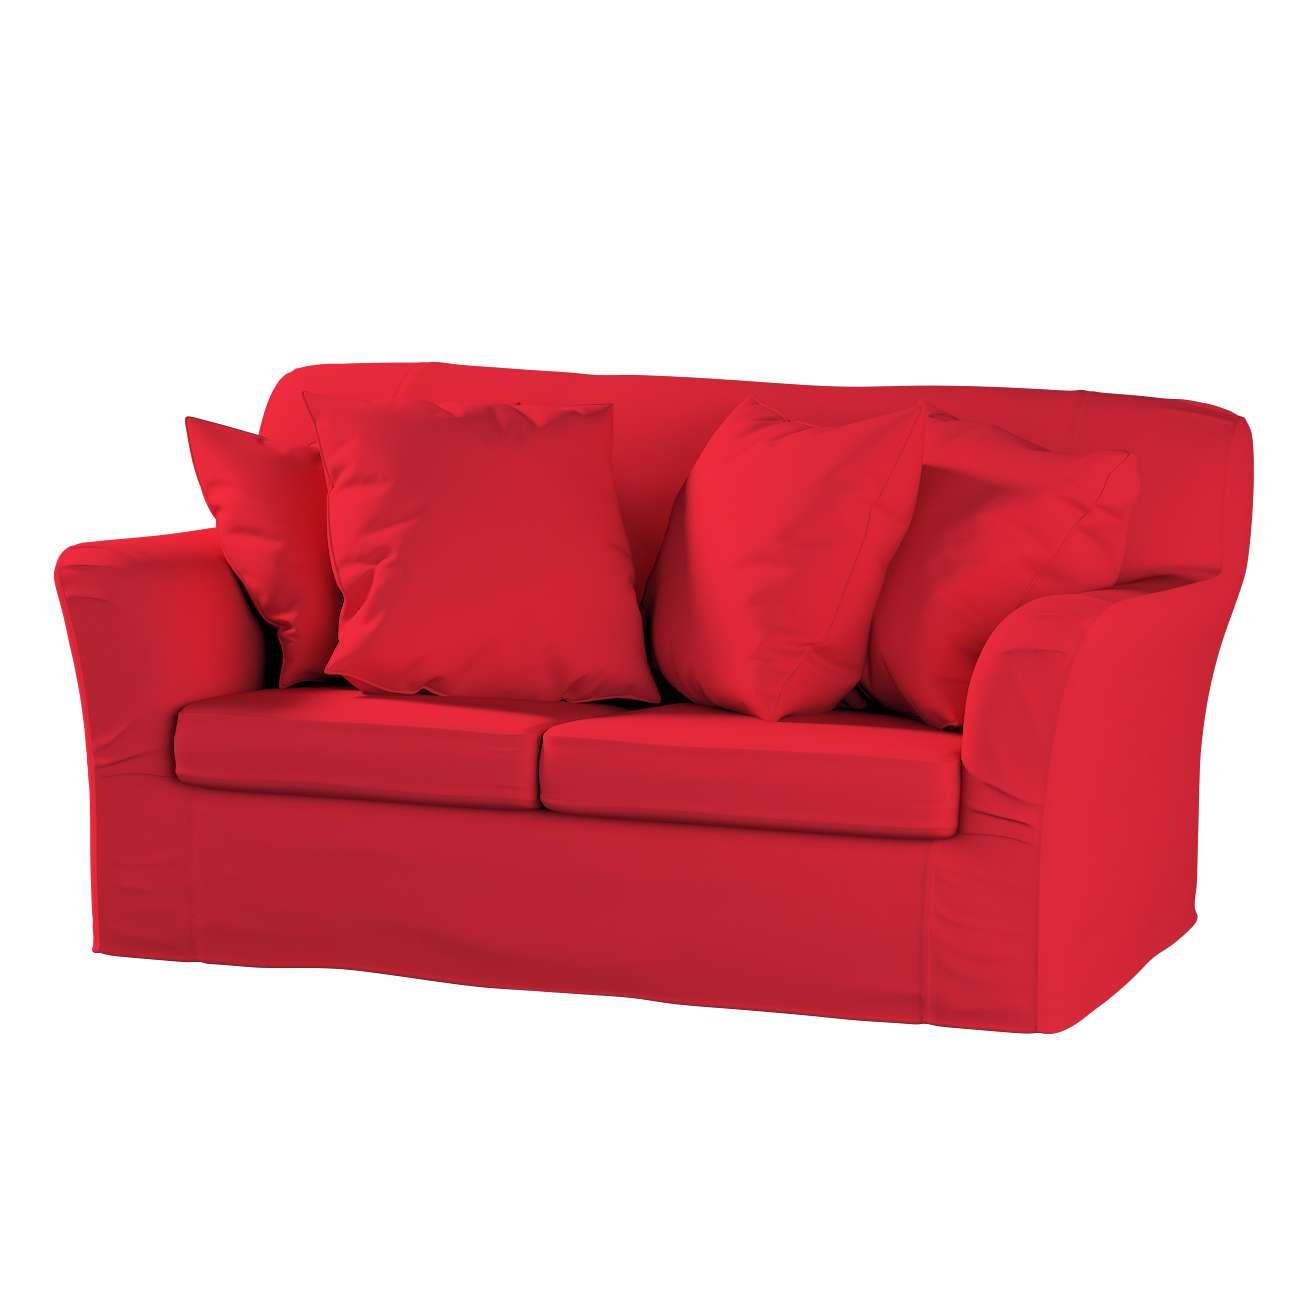 Tomelilla 2-seater sofa cover Tomelilla 2-seat sofa in collection Cotton Panama, fabric: 702-04